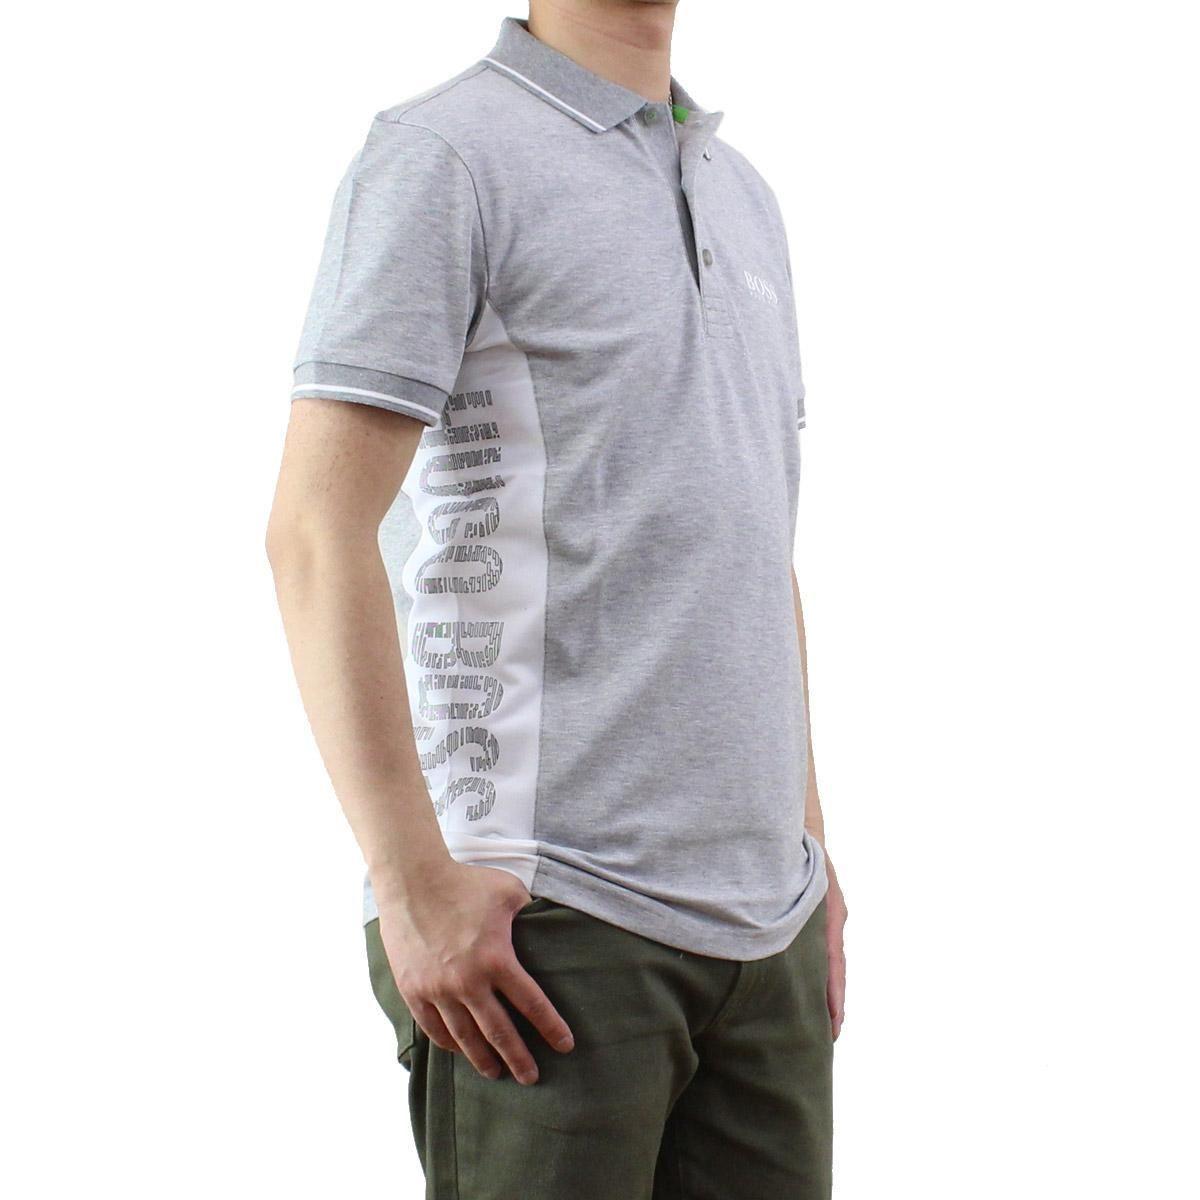 ヒューゴ・ボス(HUGO BOSS) PAULE PRO メンズポロシャツ